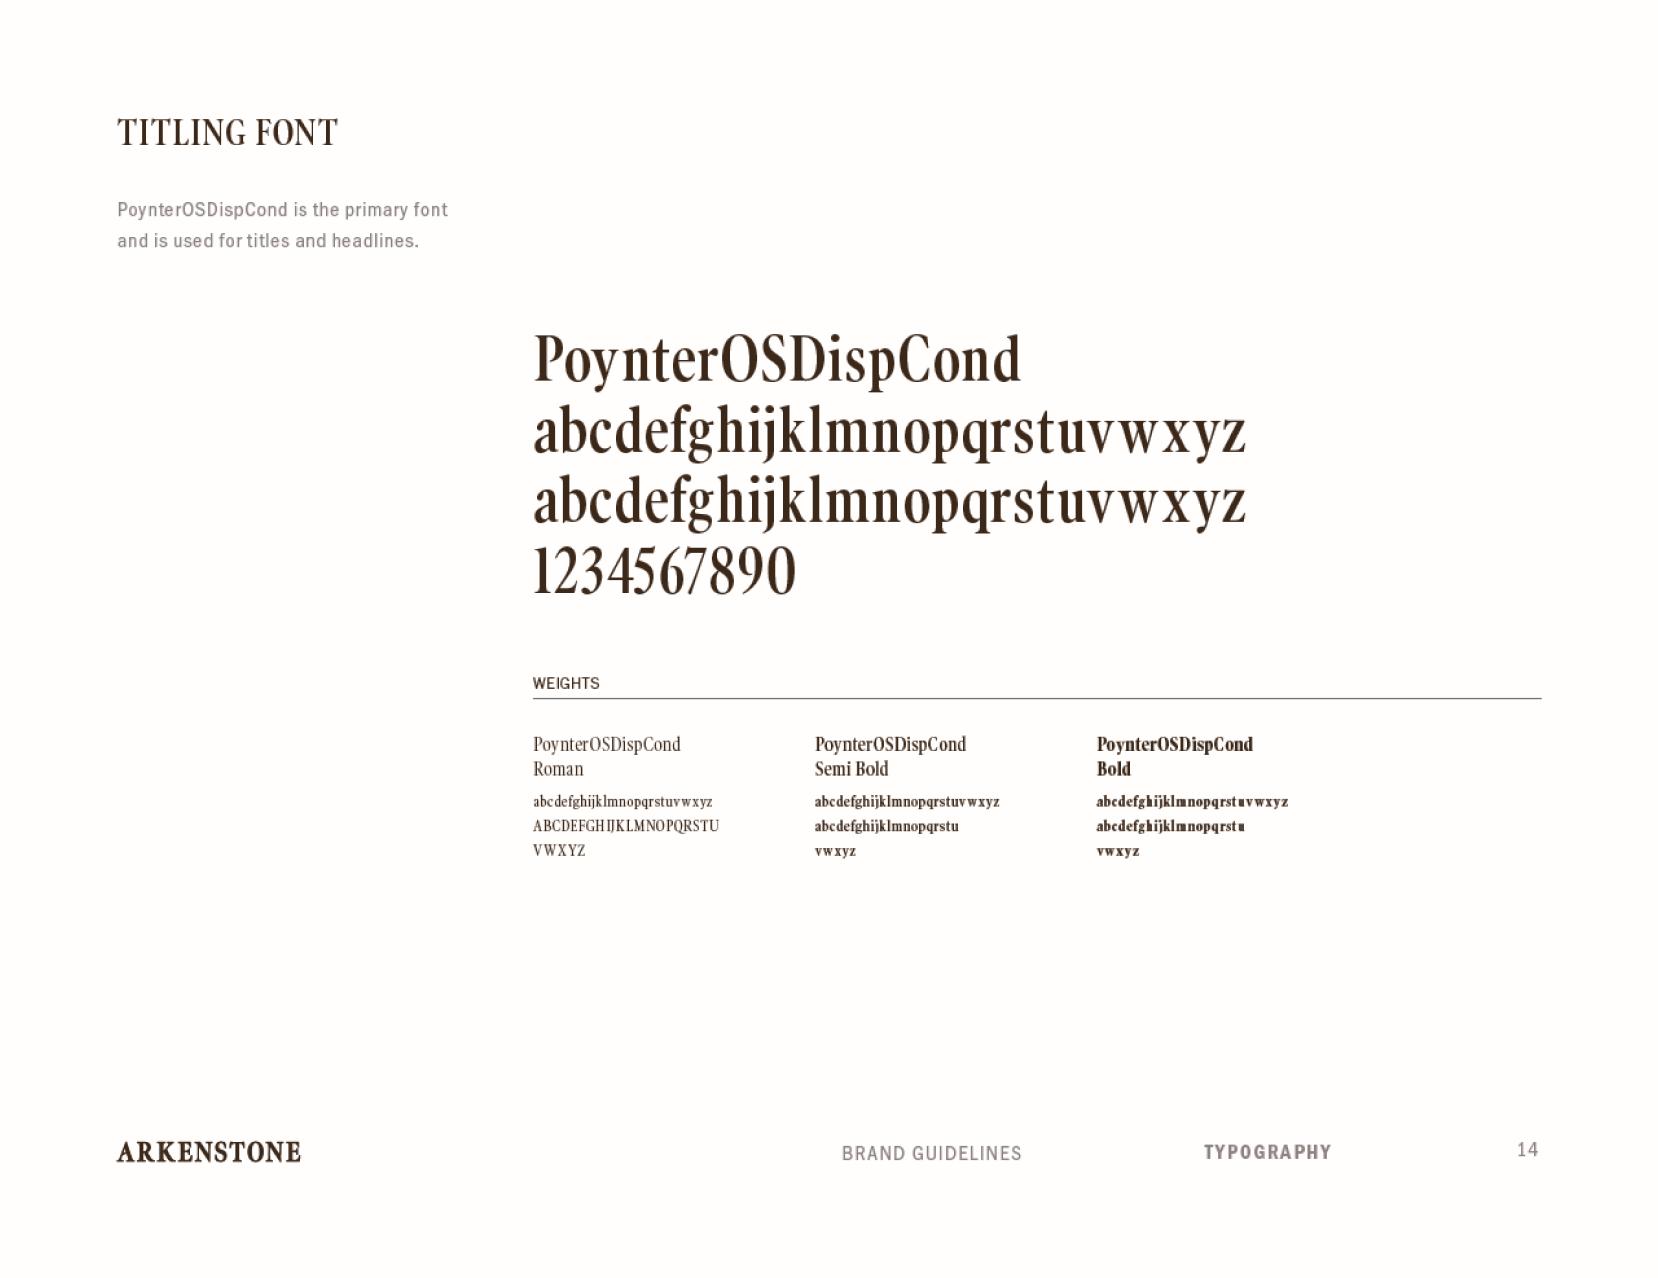 Arkenstone brand standards titling font